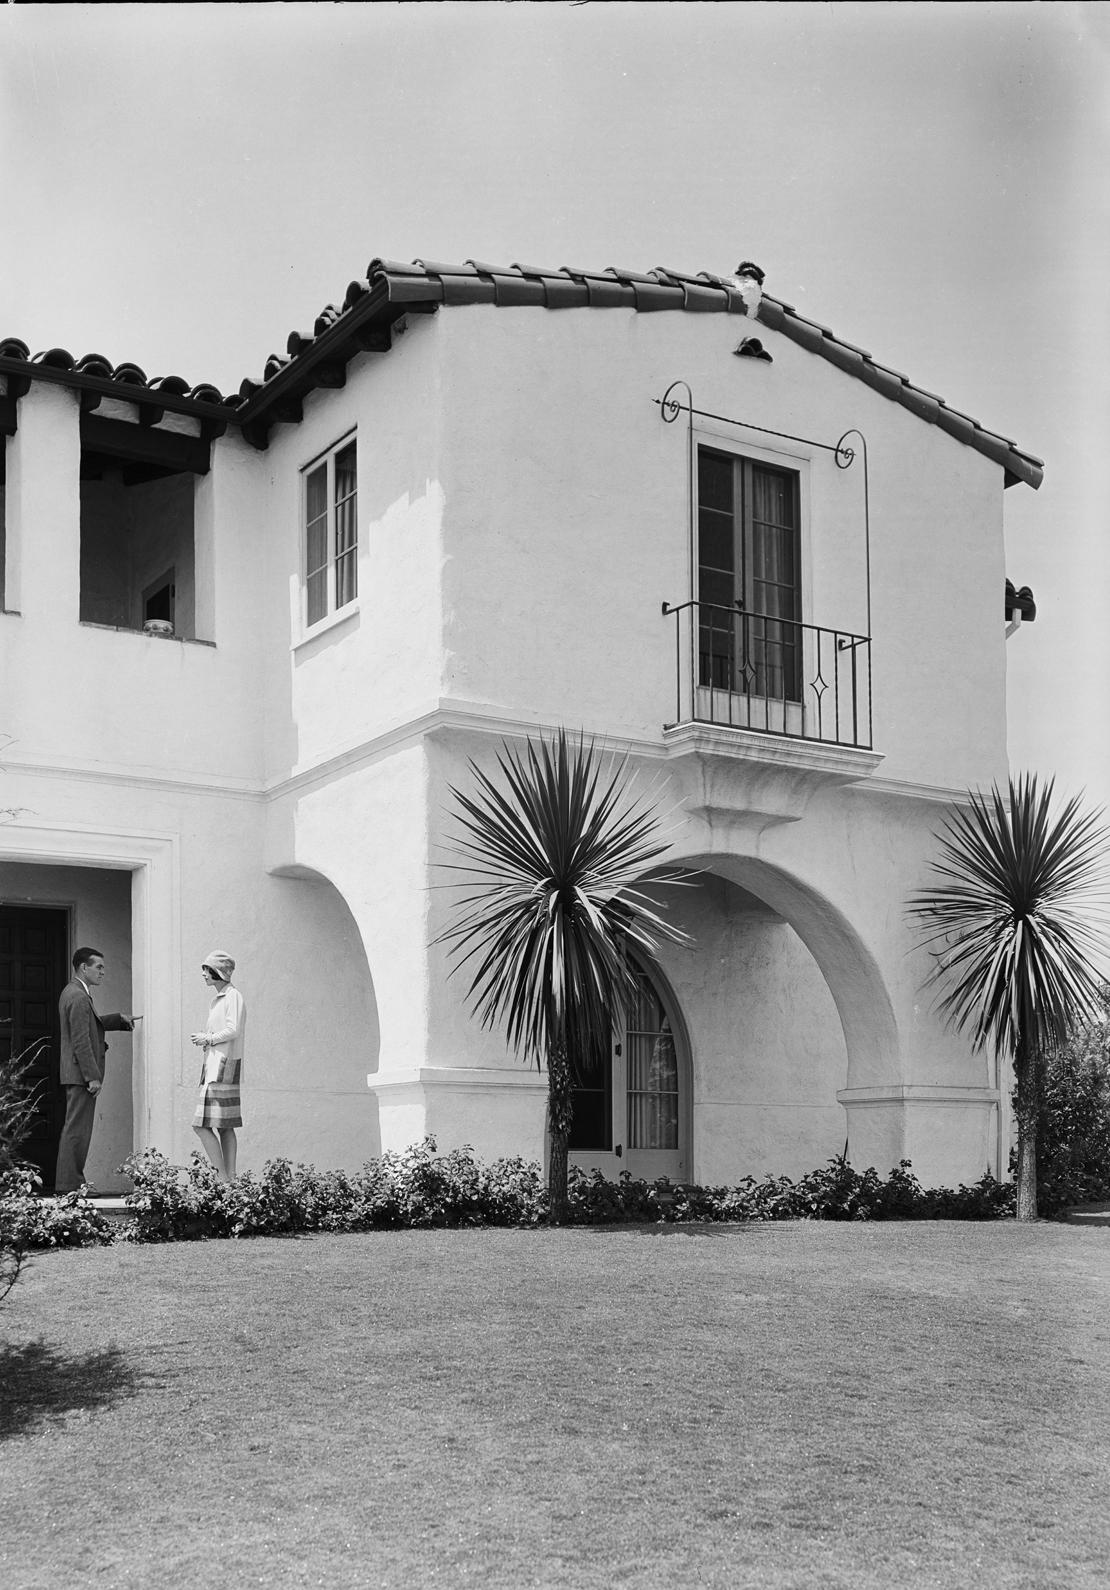 Peyolas_etc_in_View_Park_Southern_California_Los_Angeles_CA_1929_image_4.jpg